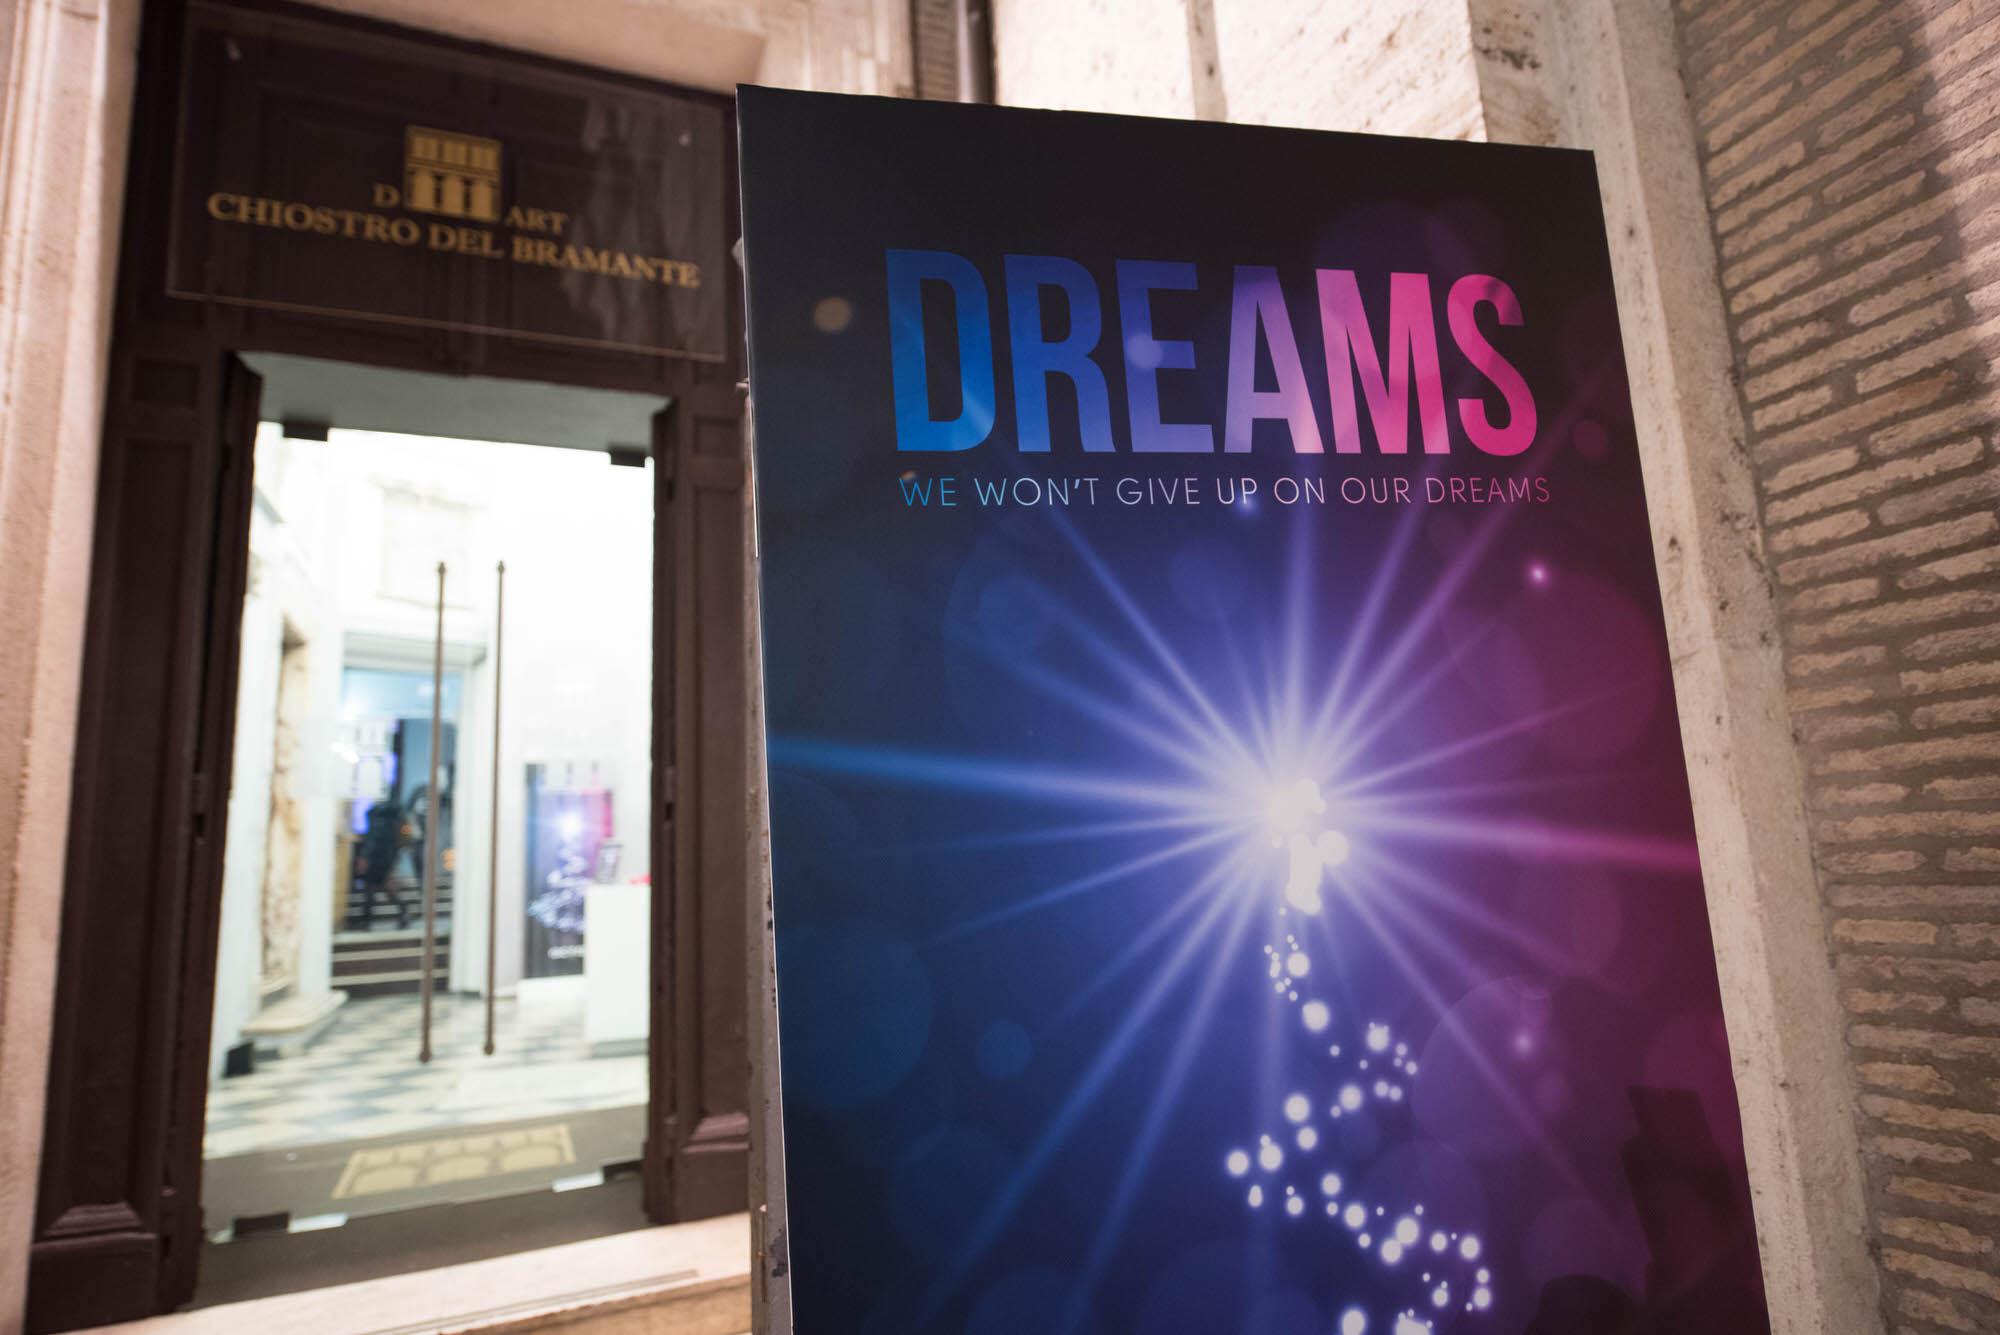 dreams-christmas-party-gruppo-peroni-eventi-00